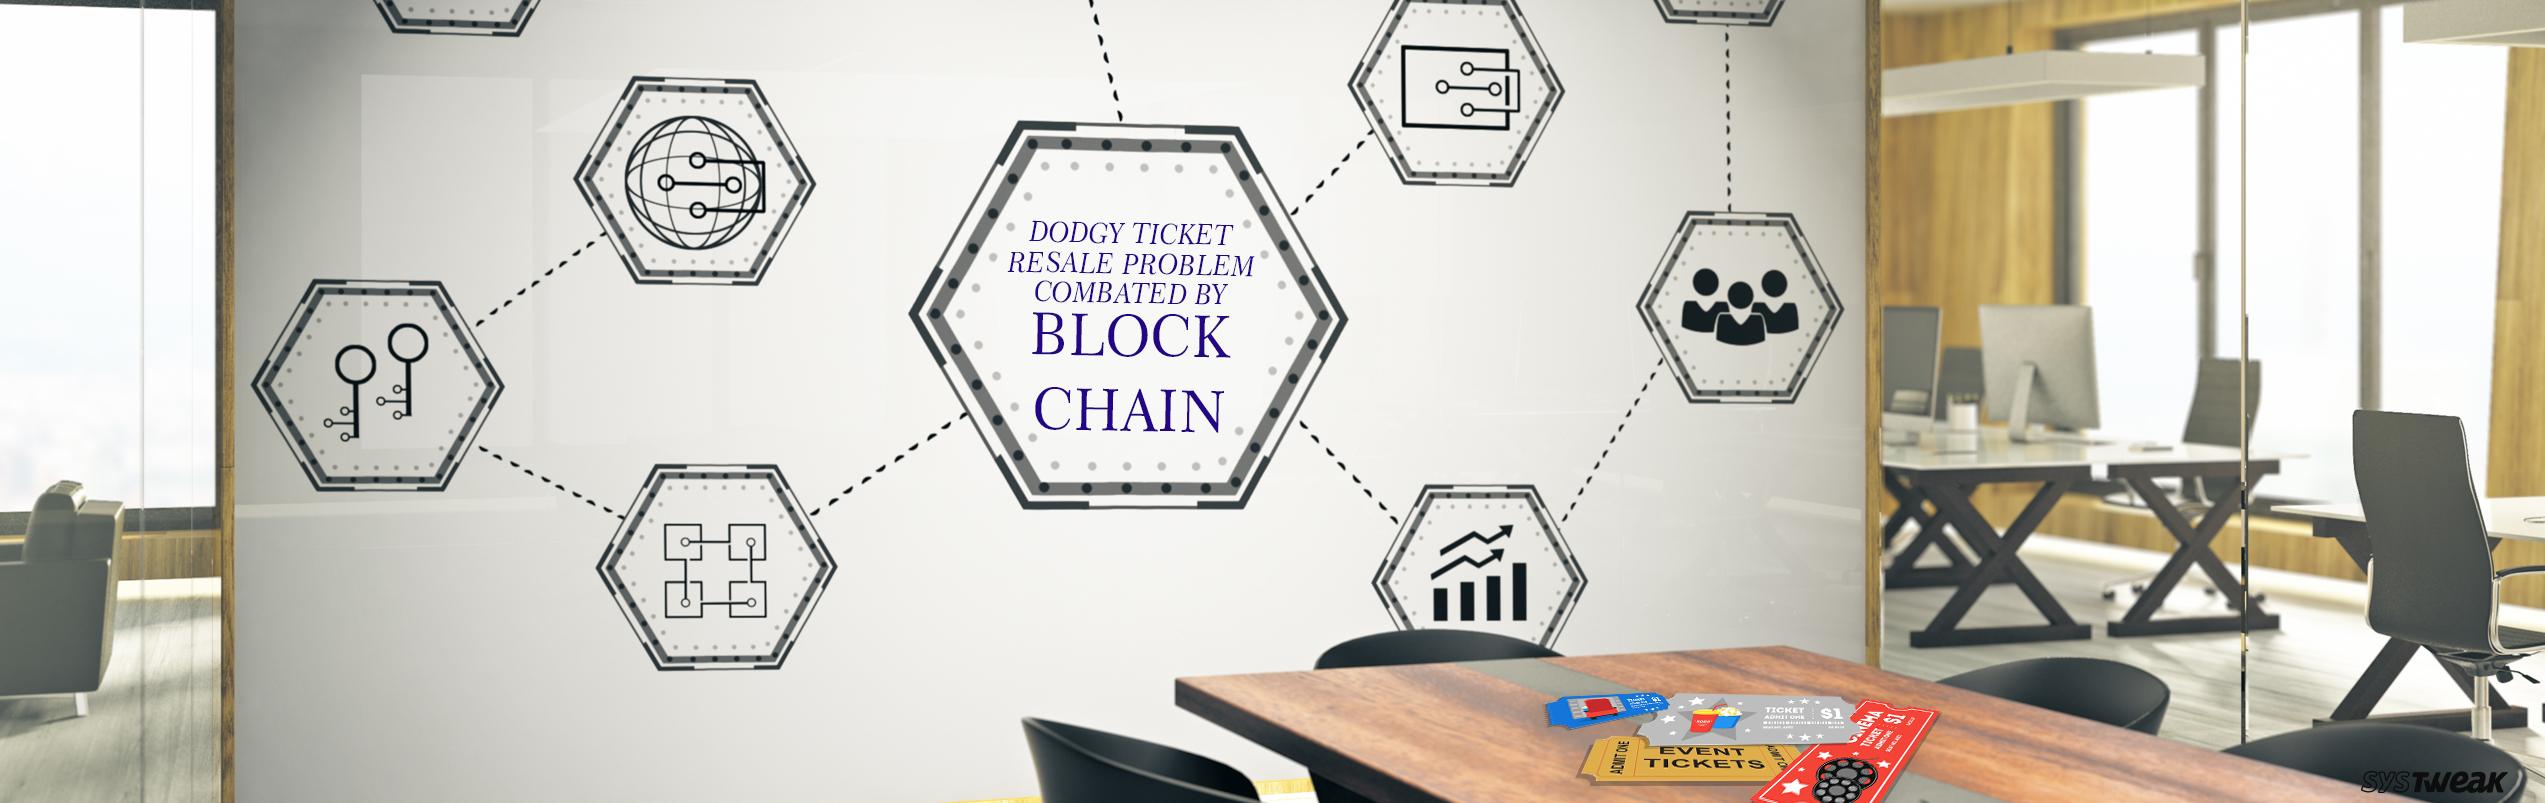 Can Blockchain Resolve Dodgy Ticket Resales?